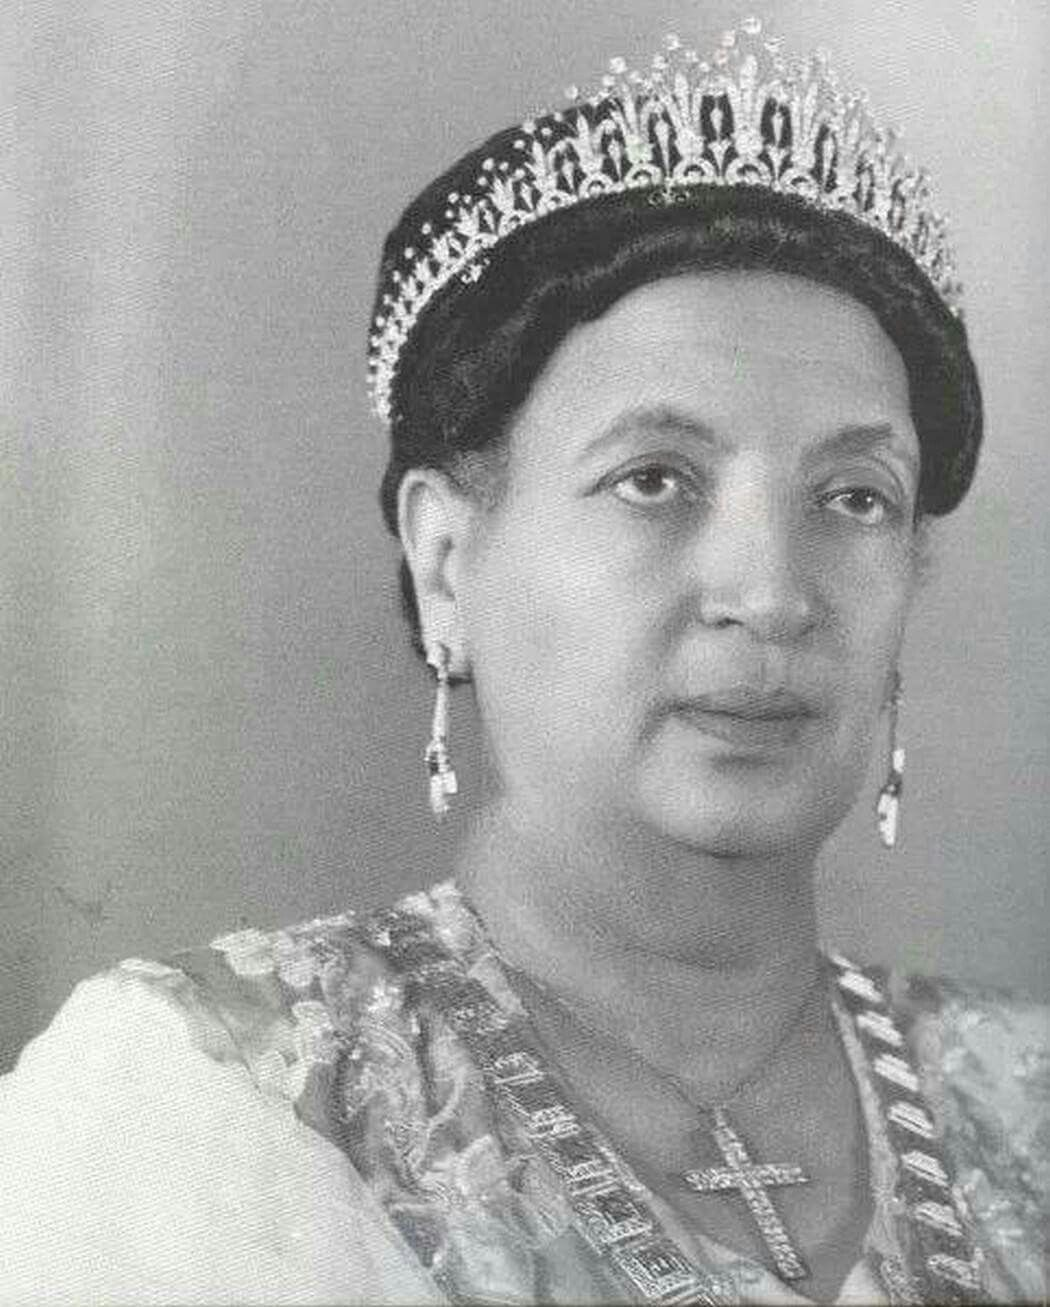 ETEGE MENEN ASFAW ○ Born 3 April 1891 Wollo province Ambassel ...